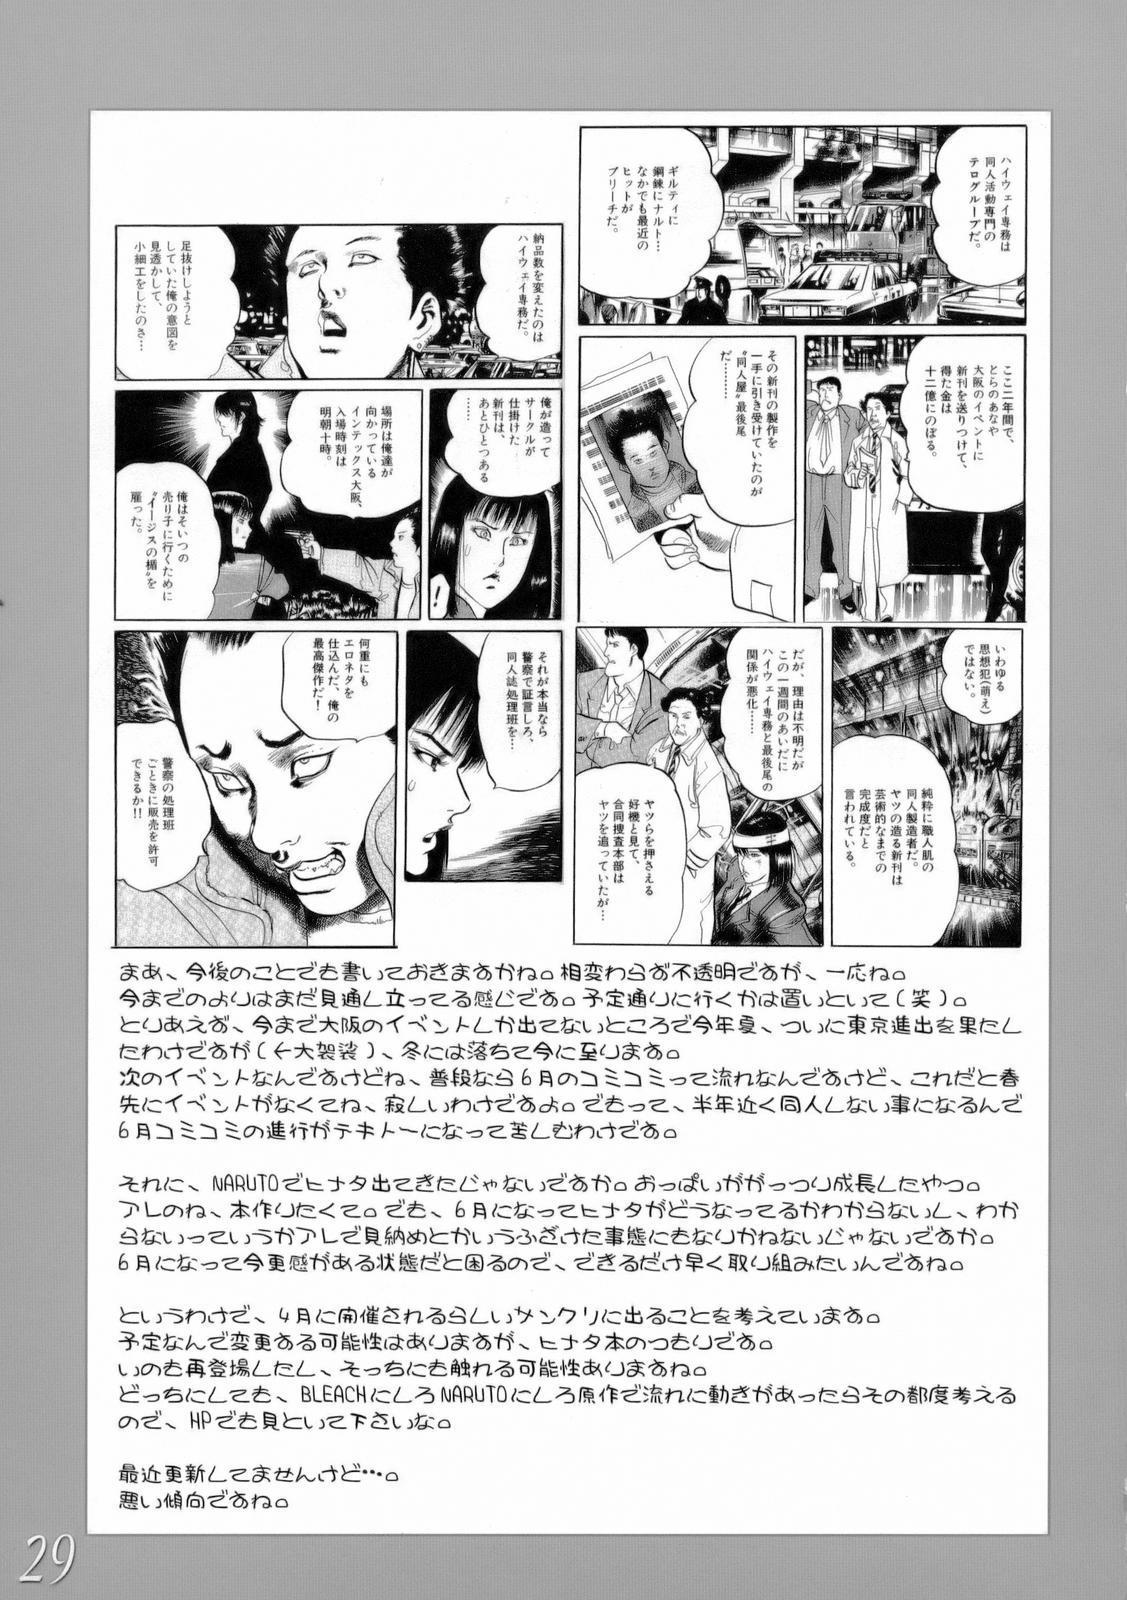 (CT7) [HIGHWAY-SENMU (Maban, Saikoubi)] H-Sen 9 - Erotical Miyasato Bros. (Bleach) 27